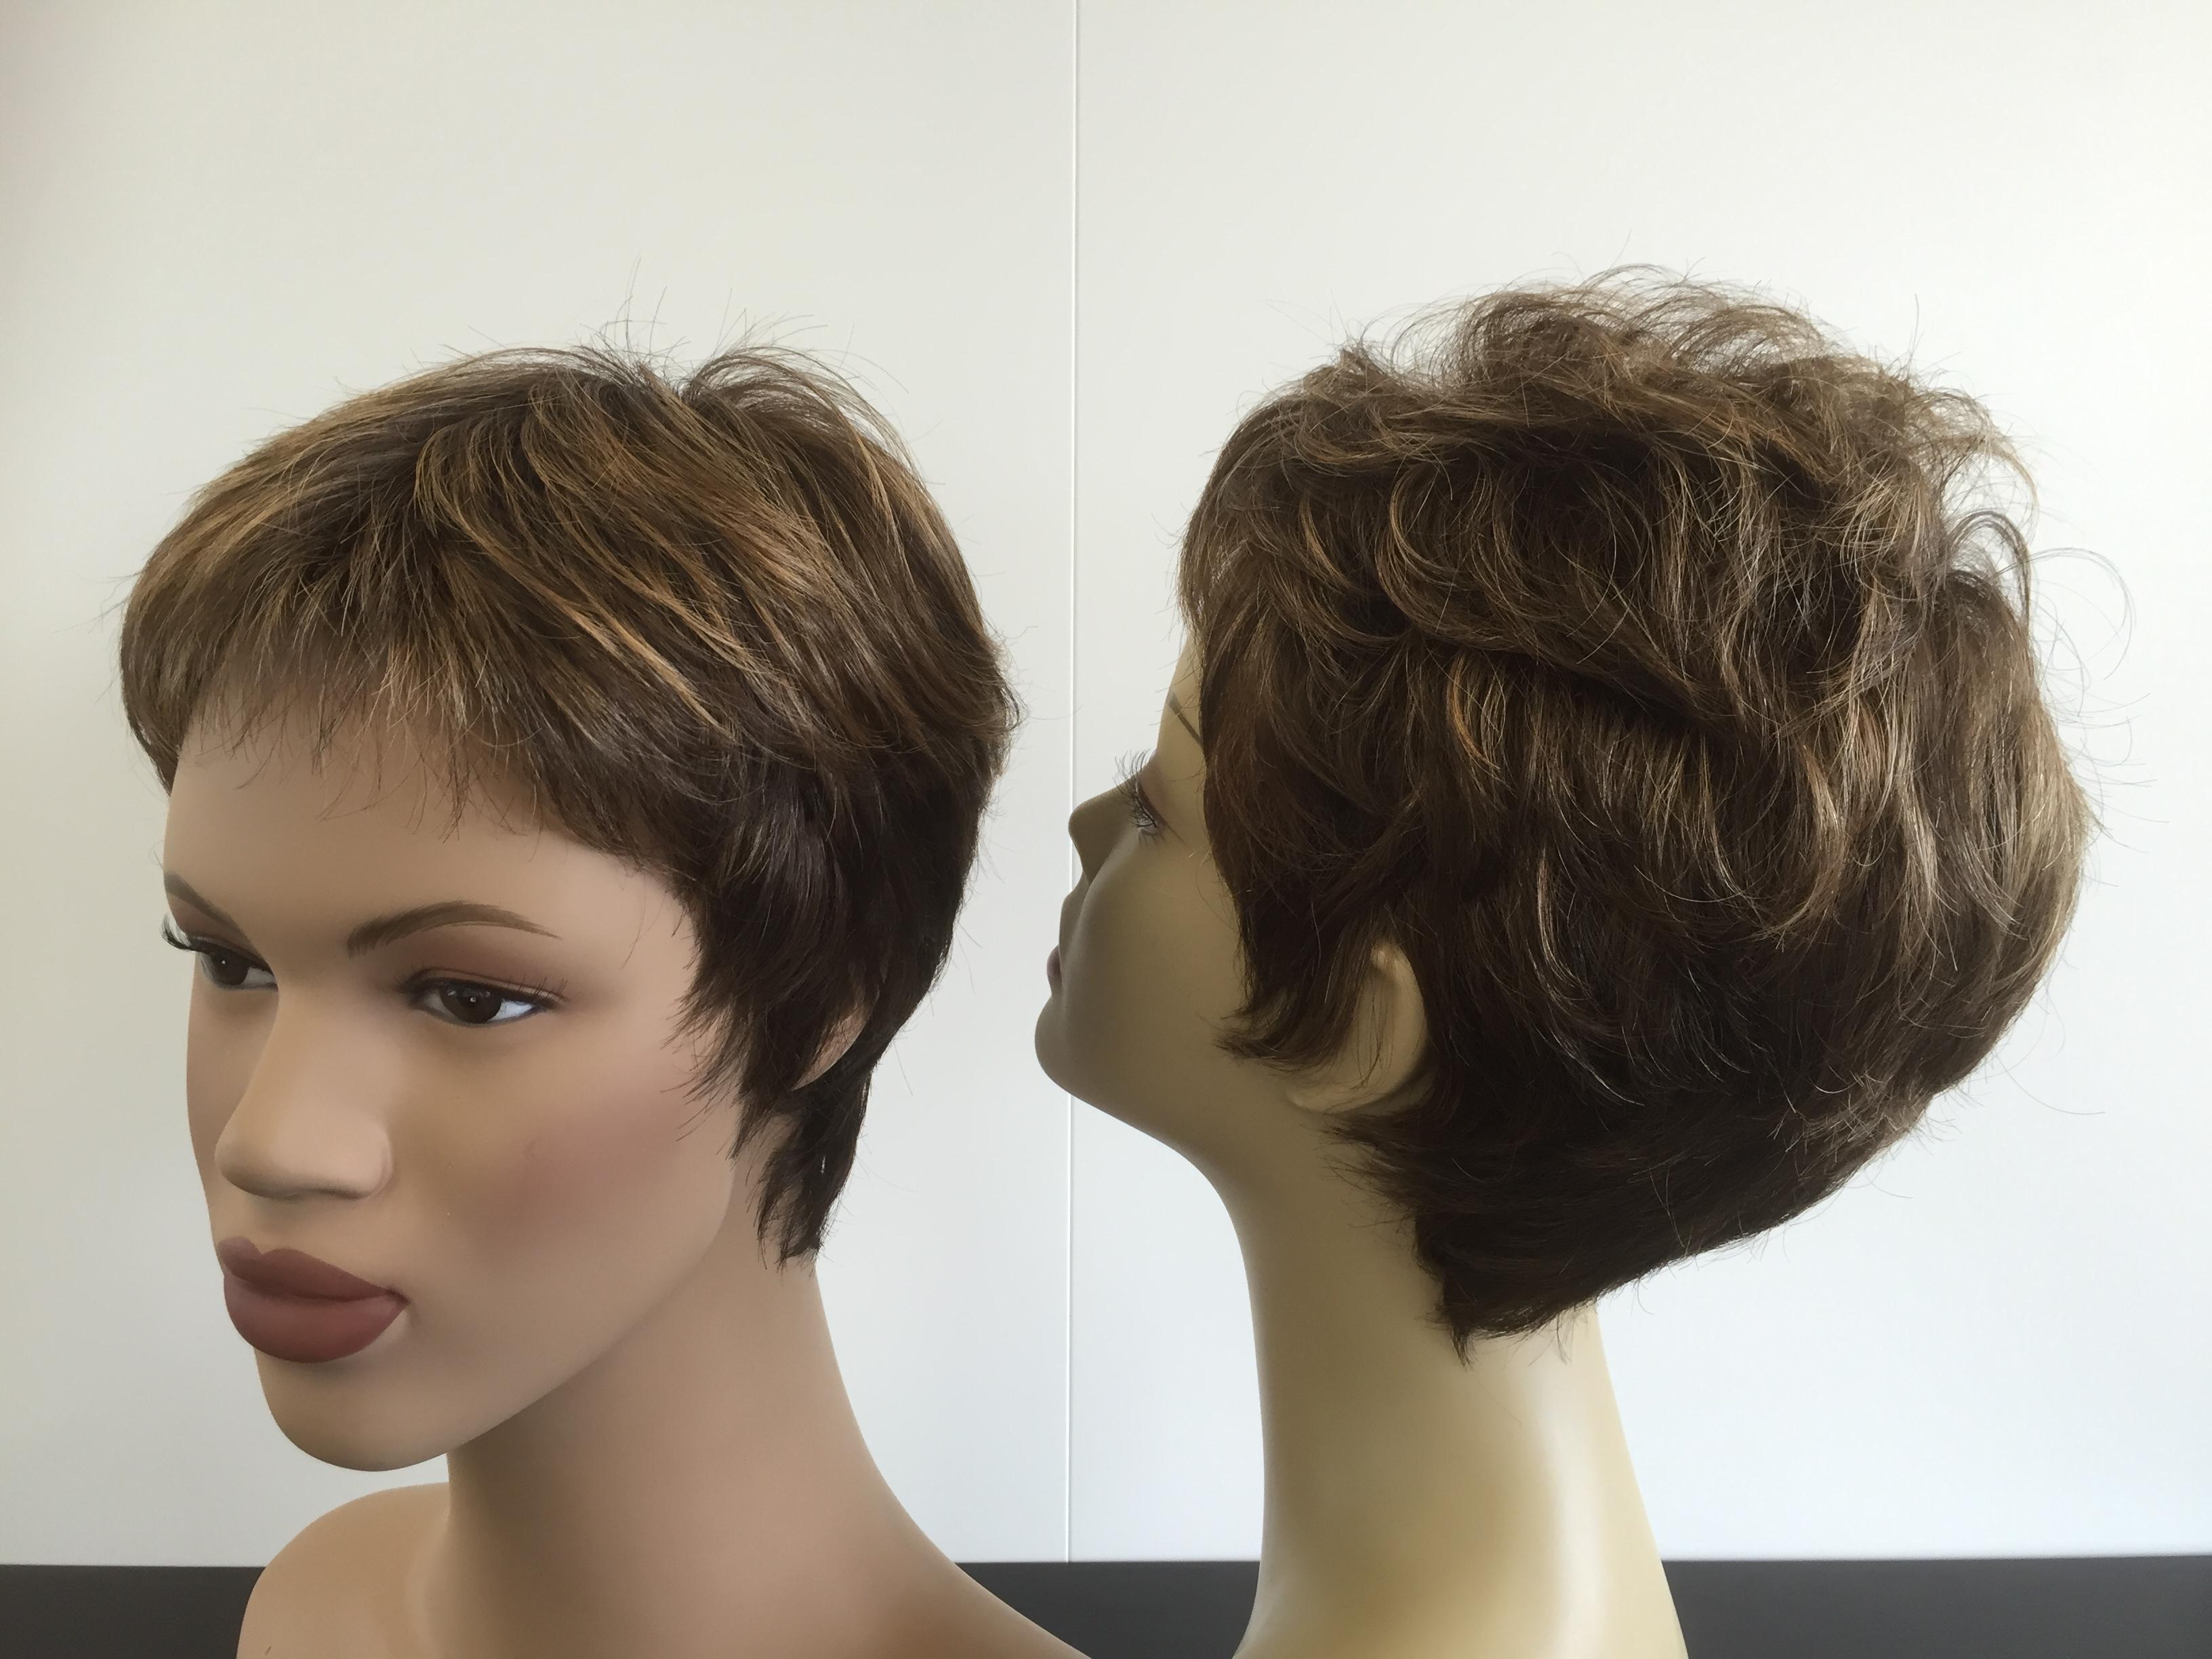 Pruiken Echt Haar Prijzen.Volledige Echt Haar Haarwerken Natuurlijke Haarwerken Nl